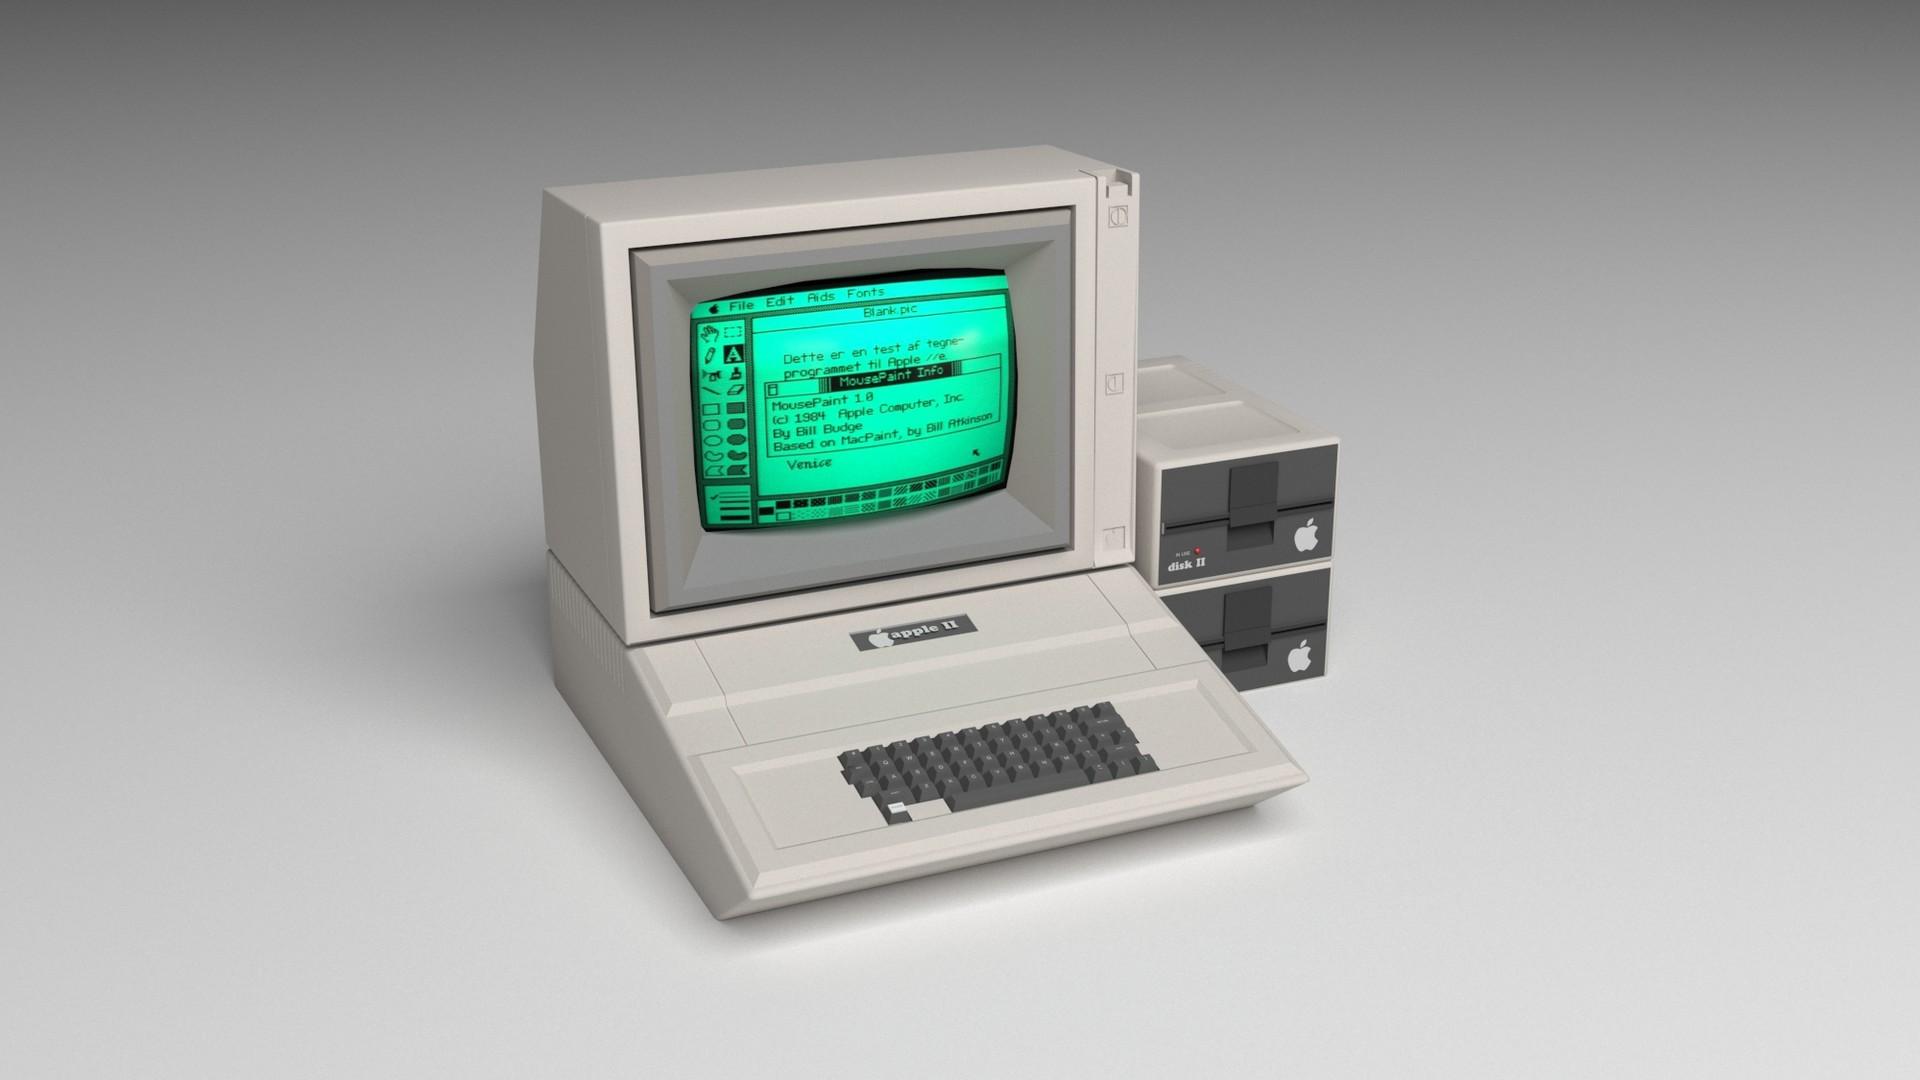 эволюция компьютеров фото один самых древних